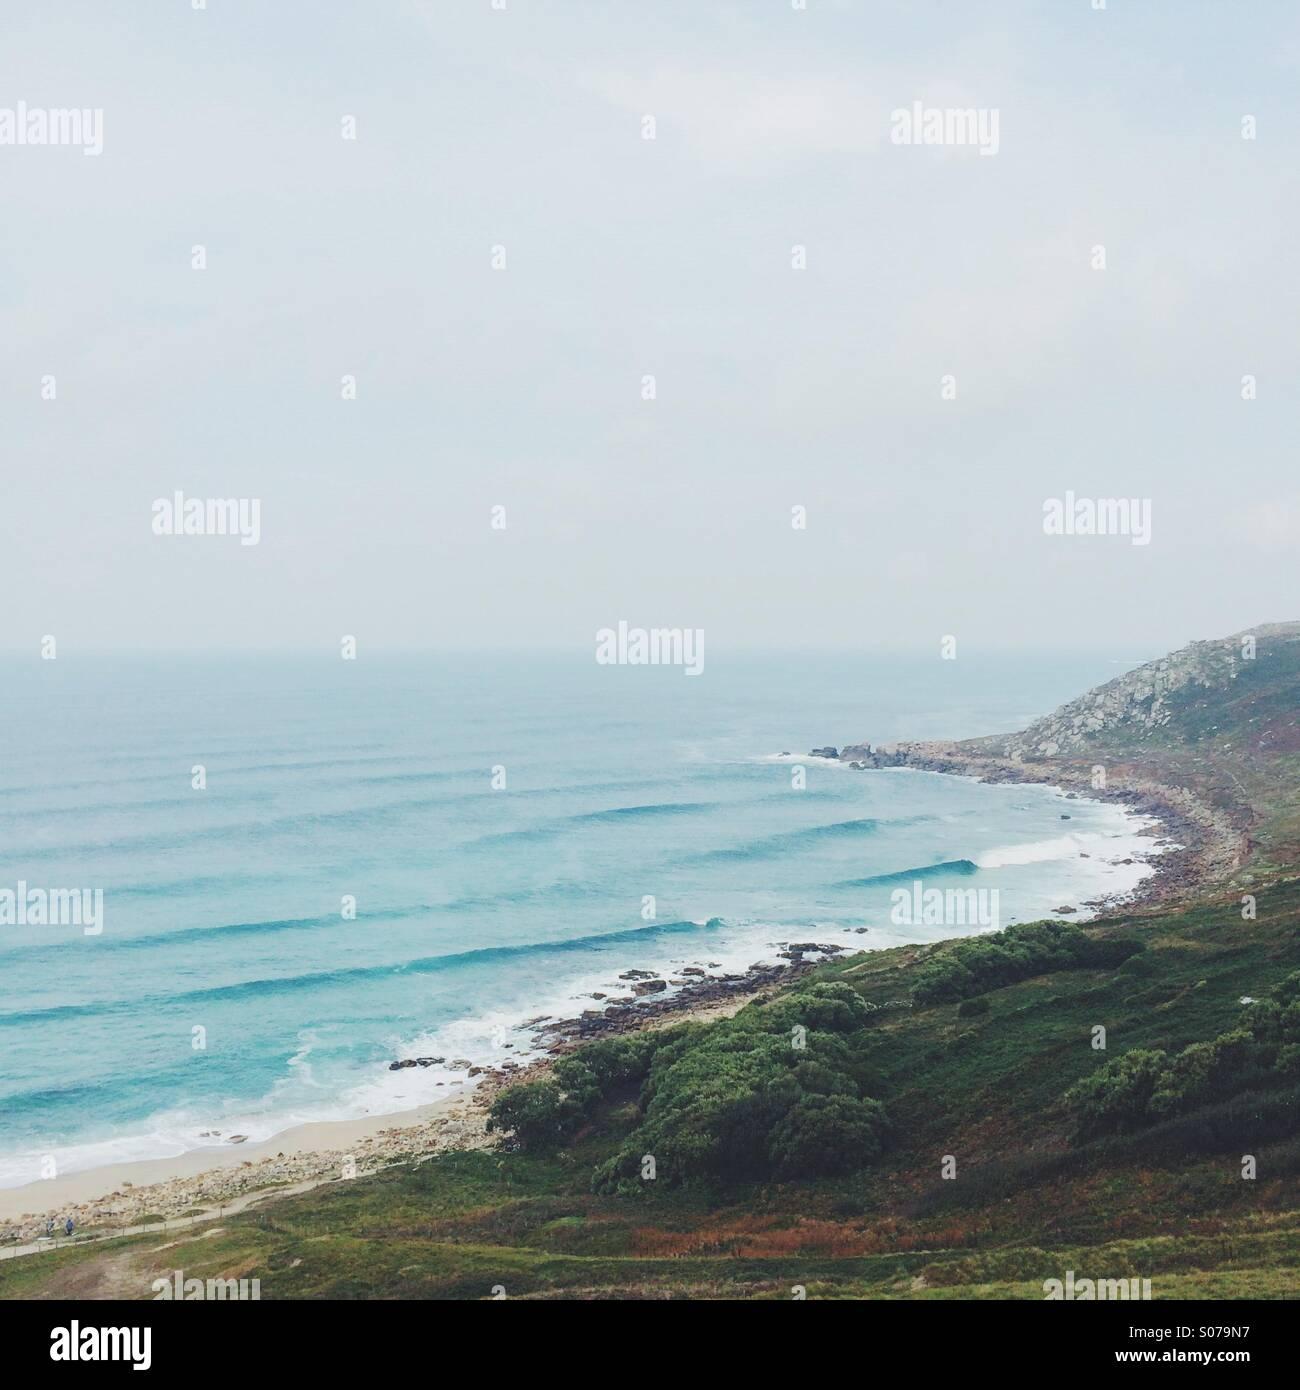 La laminazione delle onde in una spiaggia rocciosa e operazioni automatiche di fine campo. Immagini Stock